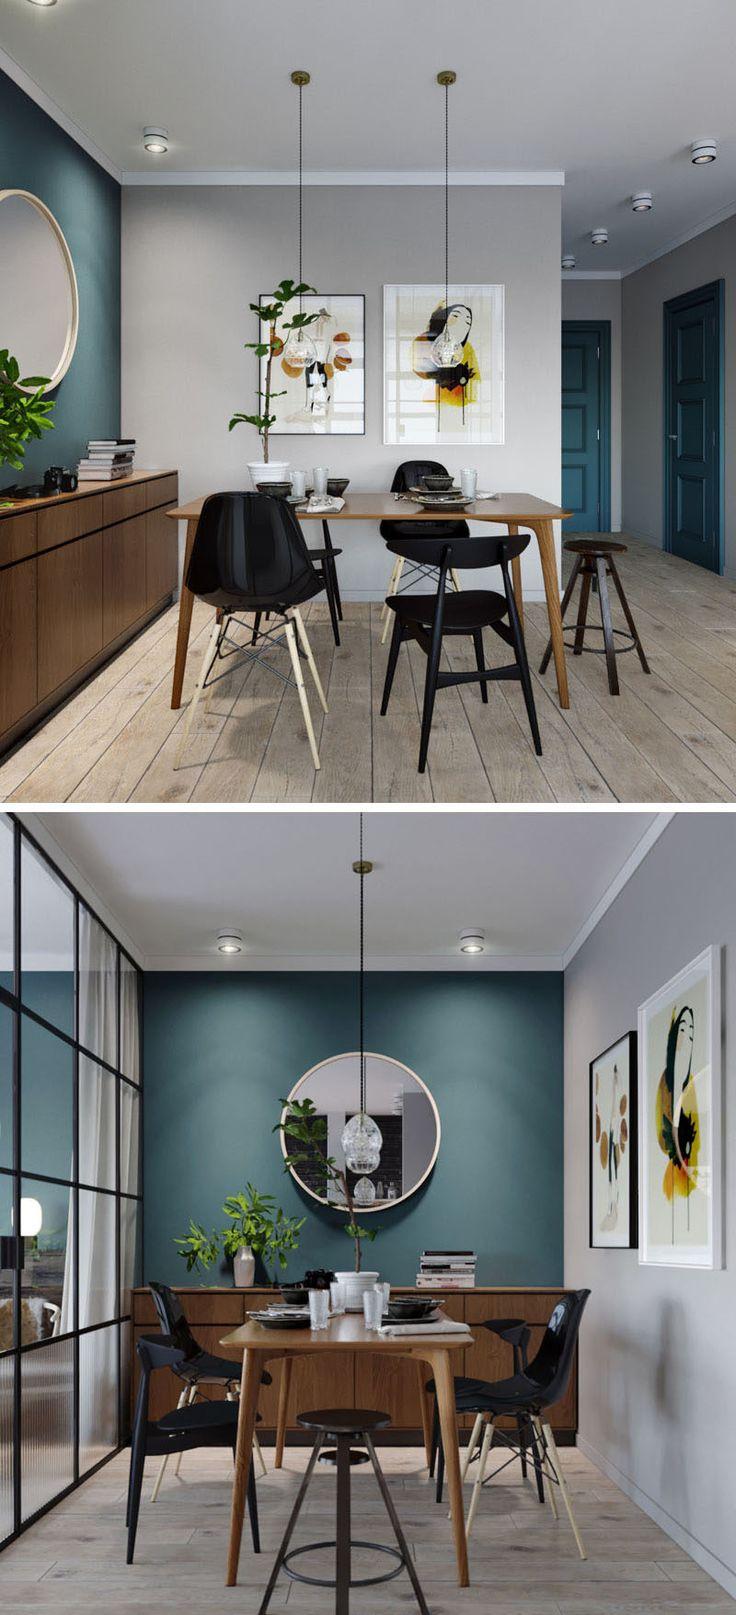 In questo piccolo appartamento, la sala da pranzo ha un profondo verde acqua blu parete accento che lega con la porta e armadio anteriore, mentre i mobili in legno aggiunge un tocco naturale e le sedie nere corrisponde al nero parete di vetro incorniciato della camera da letto.